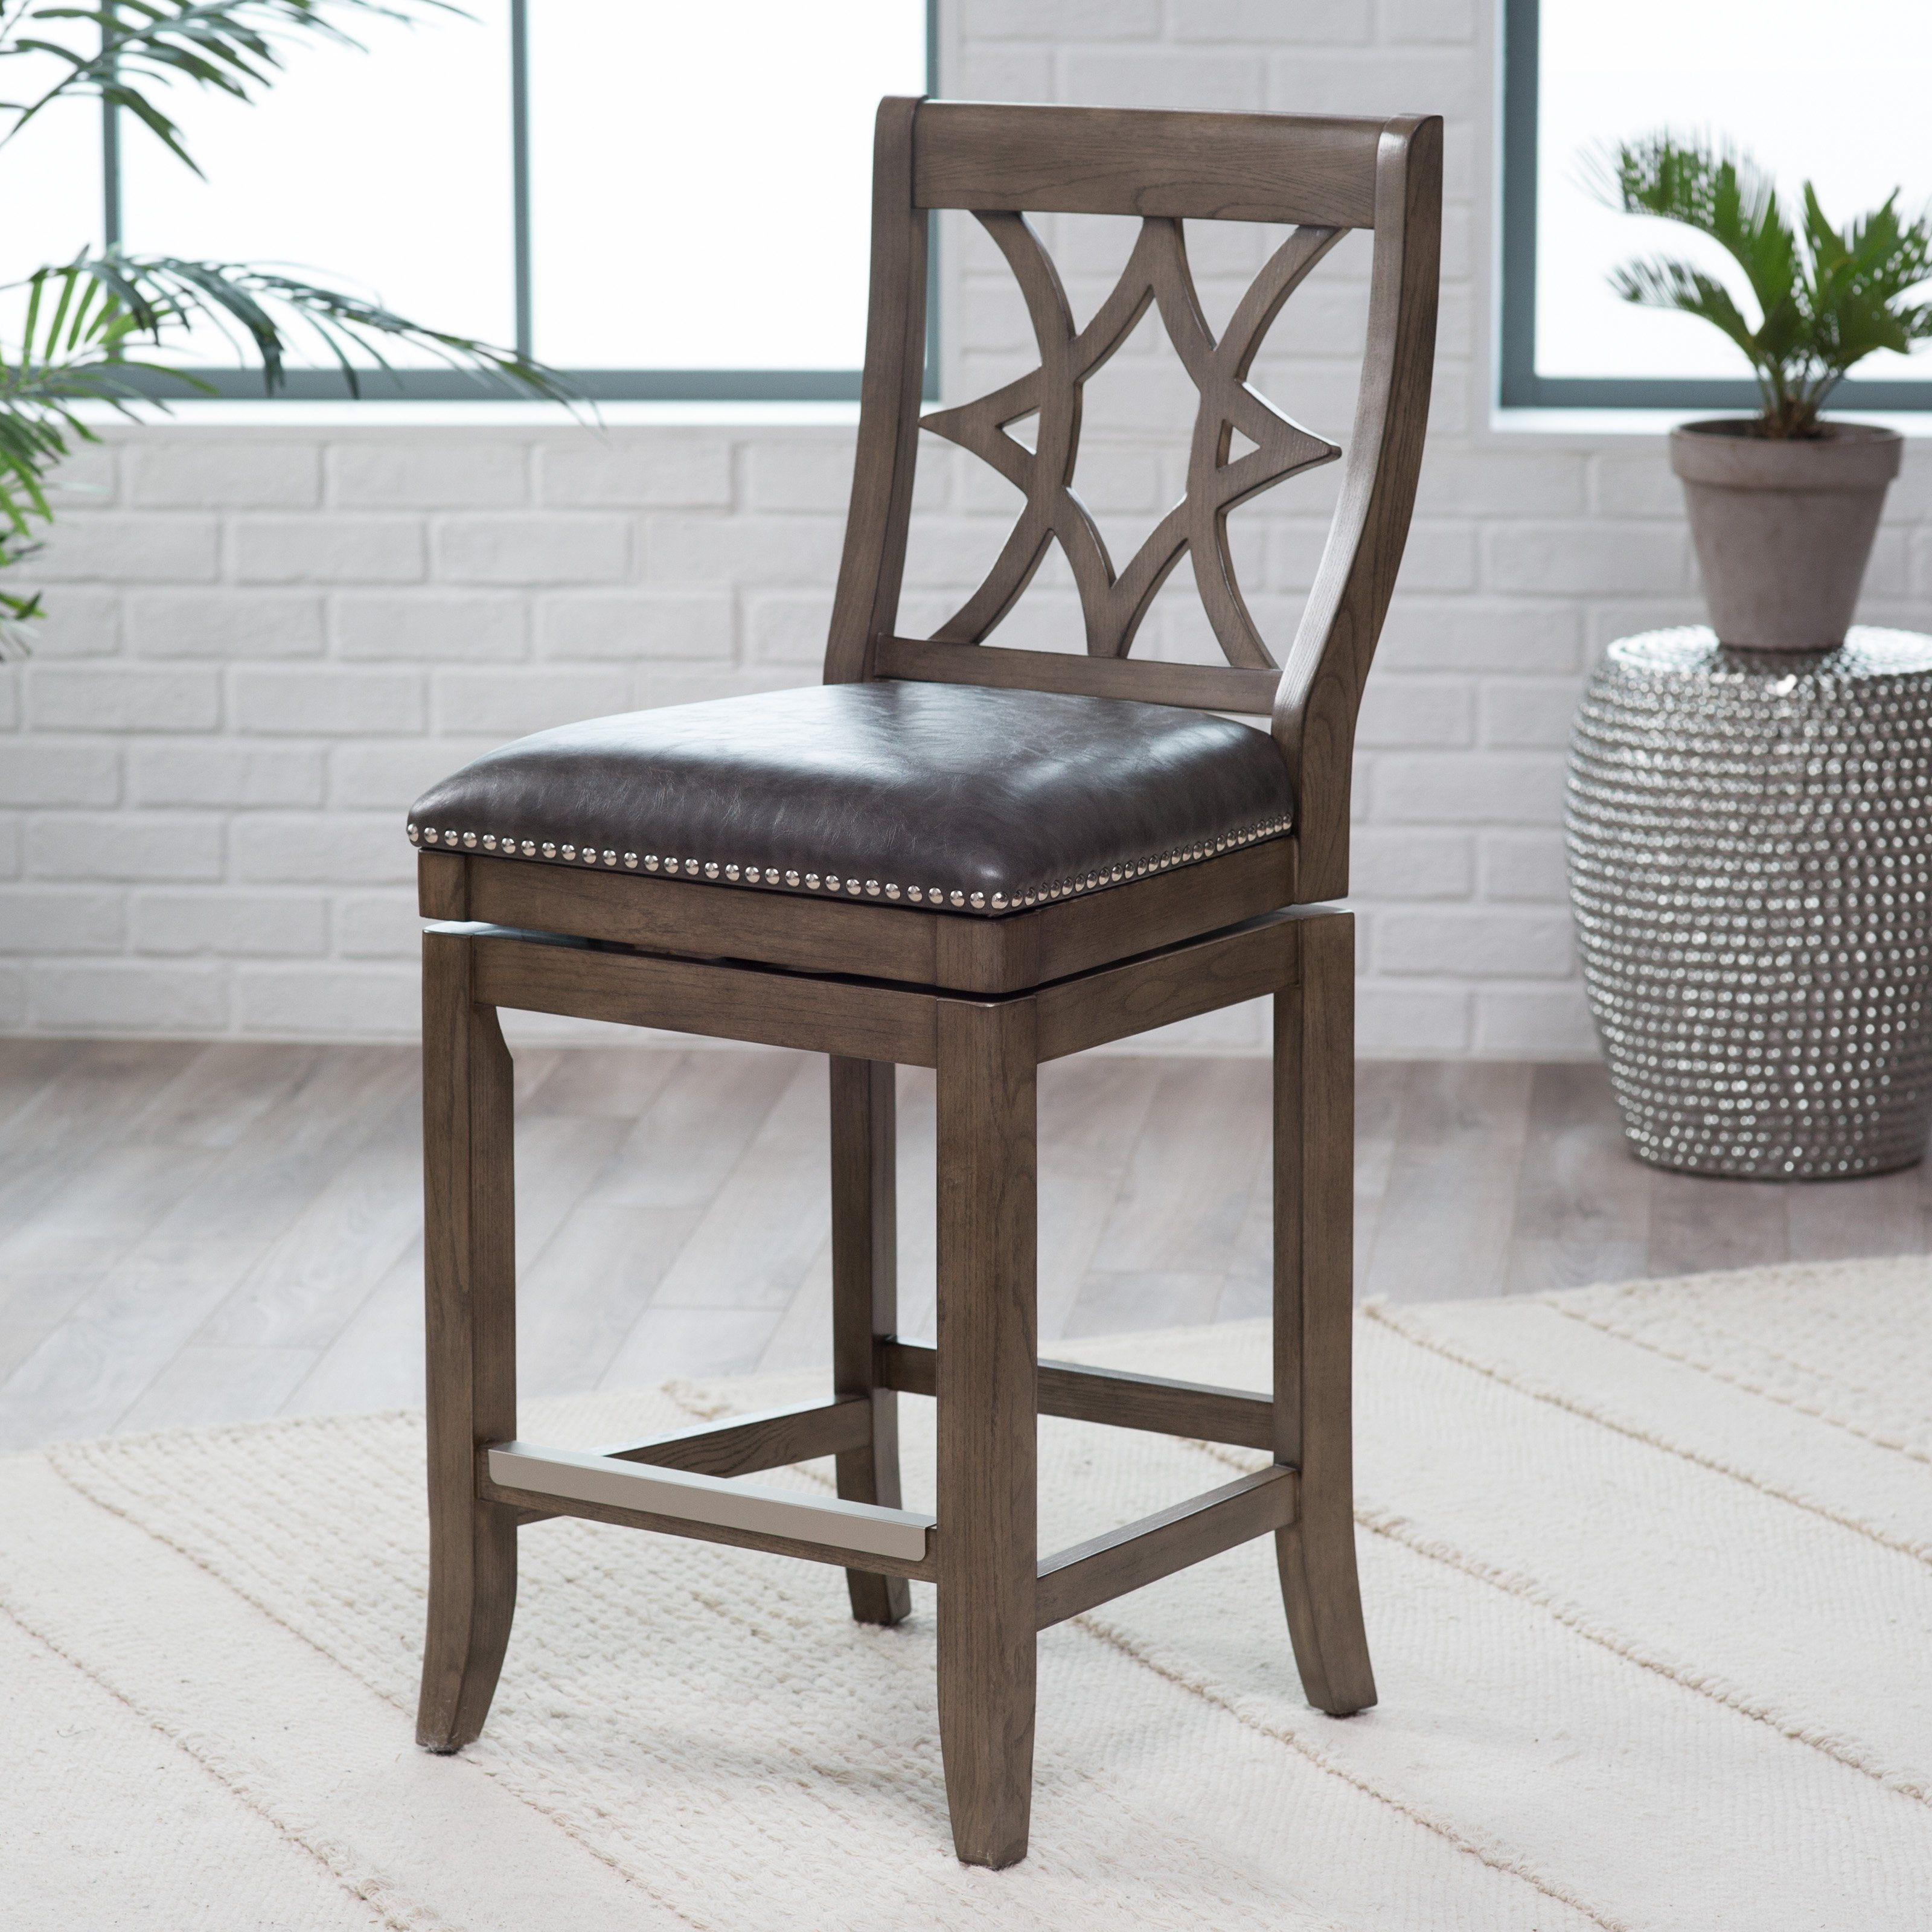 Barhocker Tische Und Stuhle Barhocker Tisch Und Stuhle Hocker